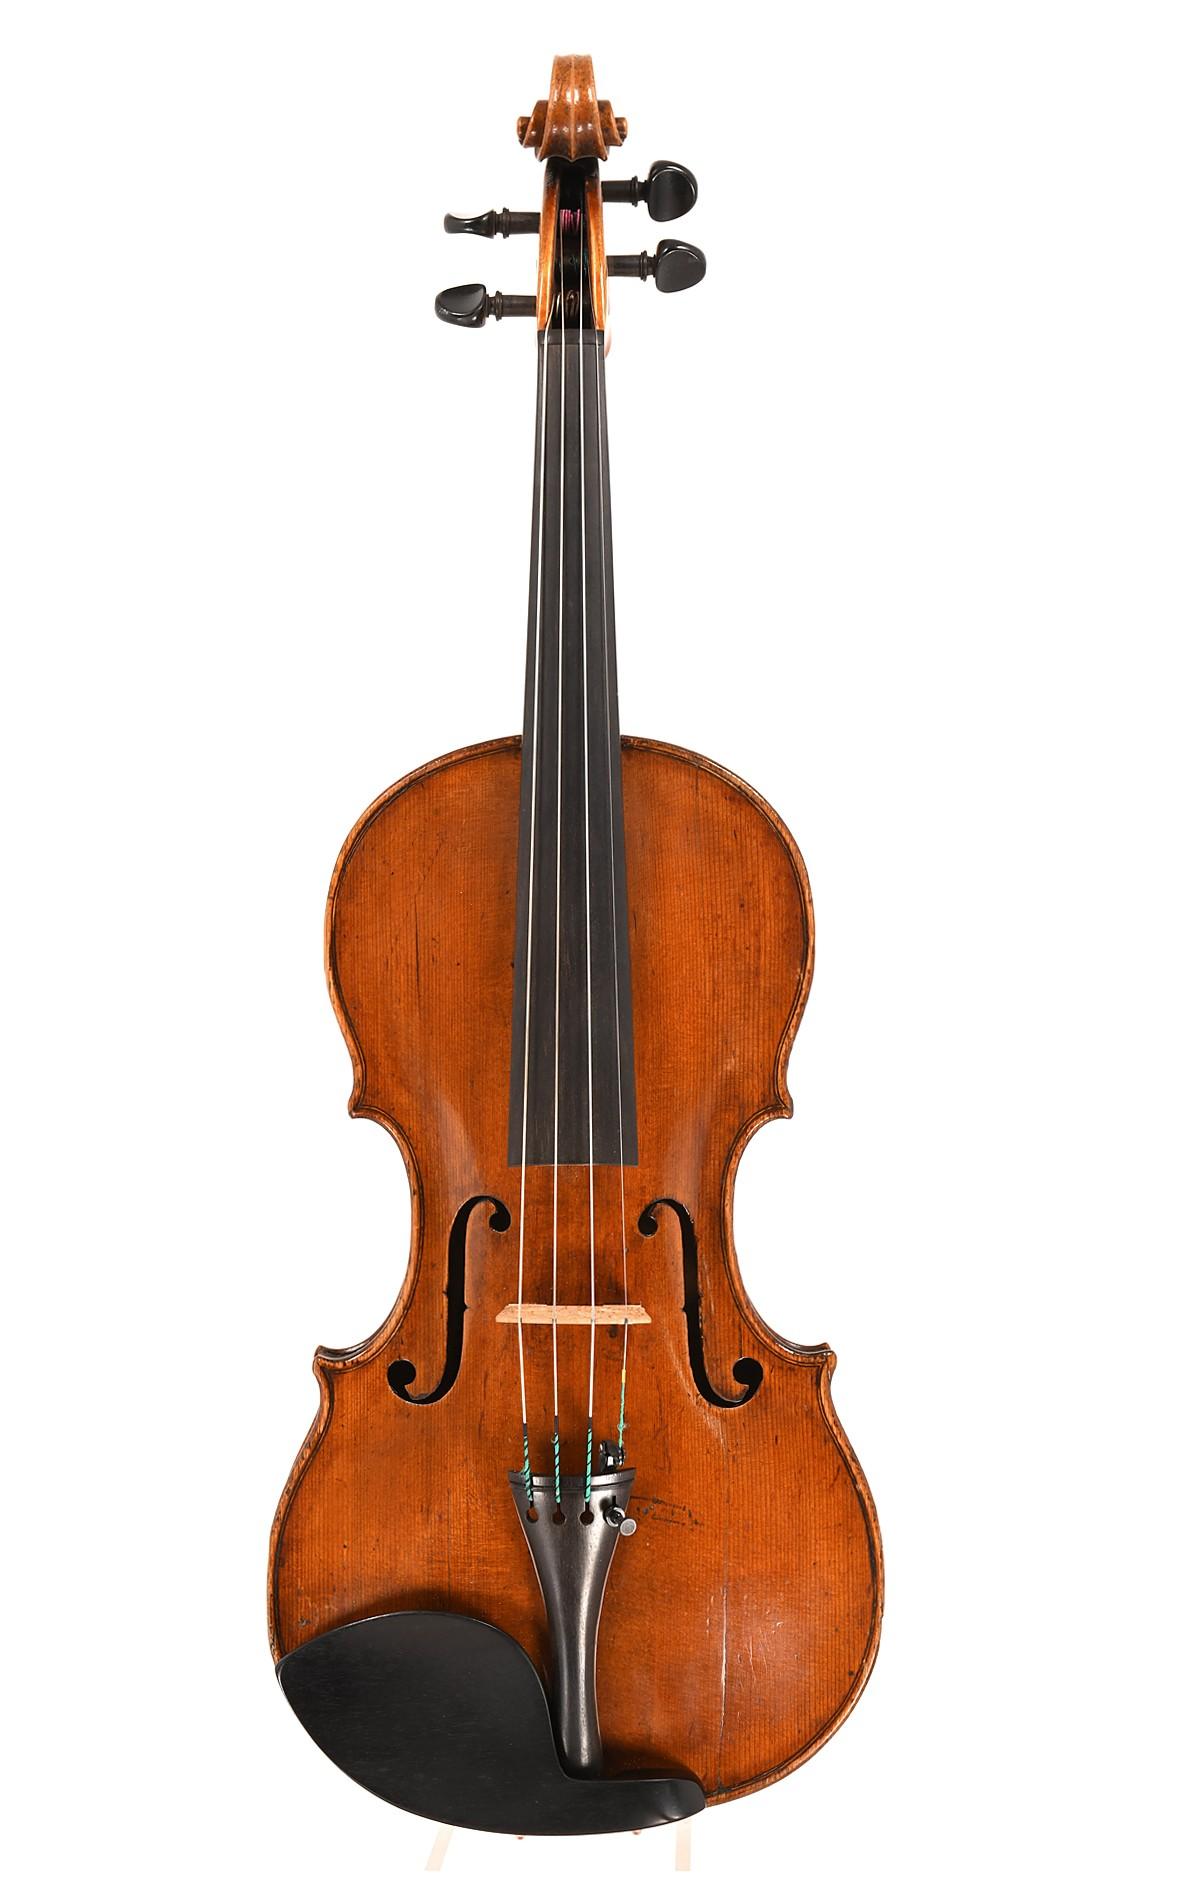 Feine süddeutsche Violine, Franz Knitl, Freising, 1769